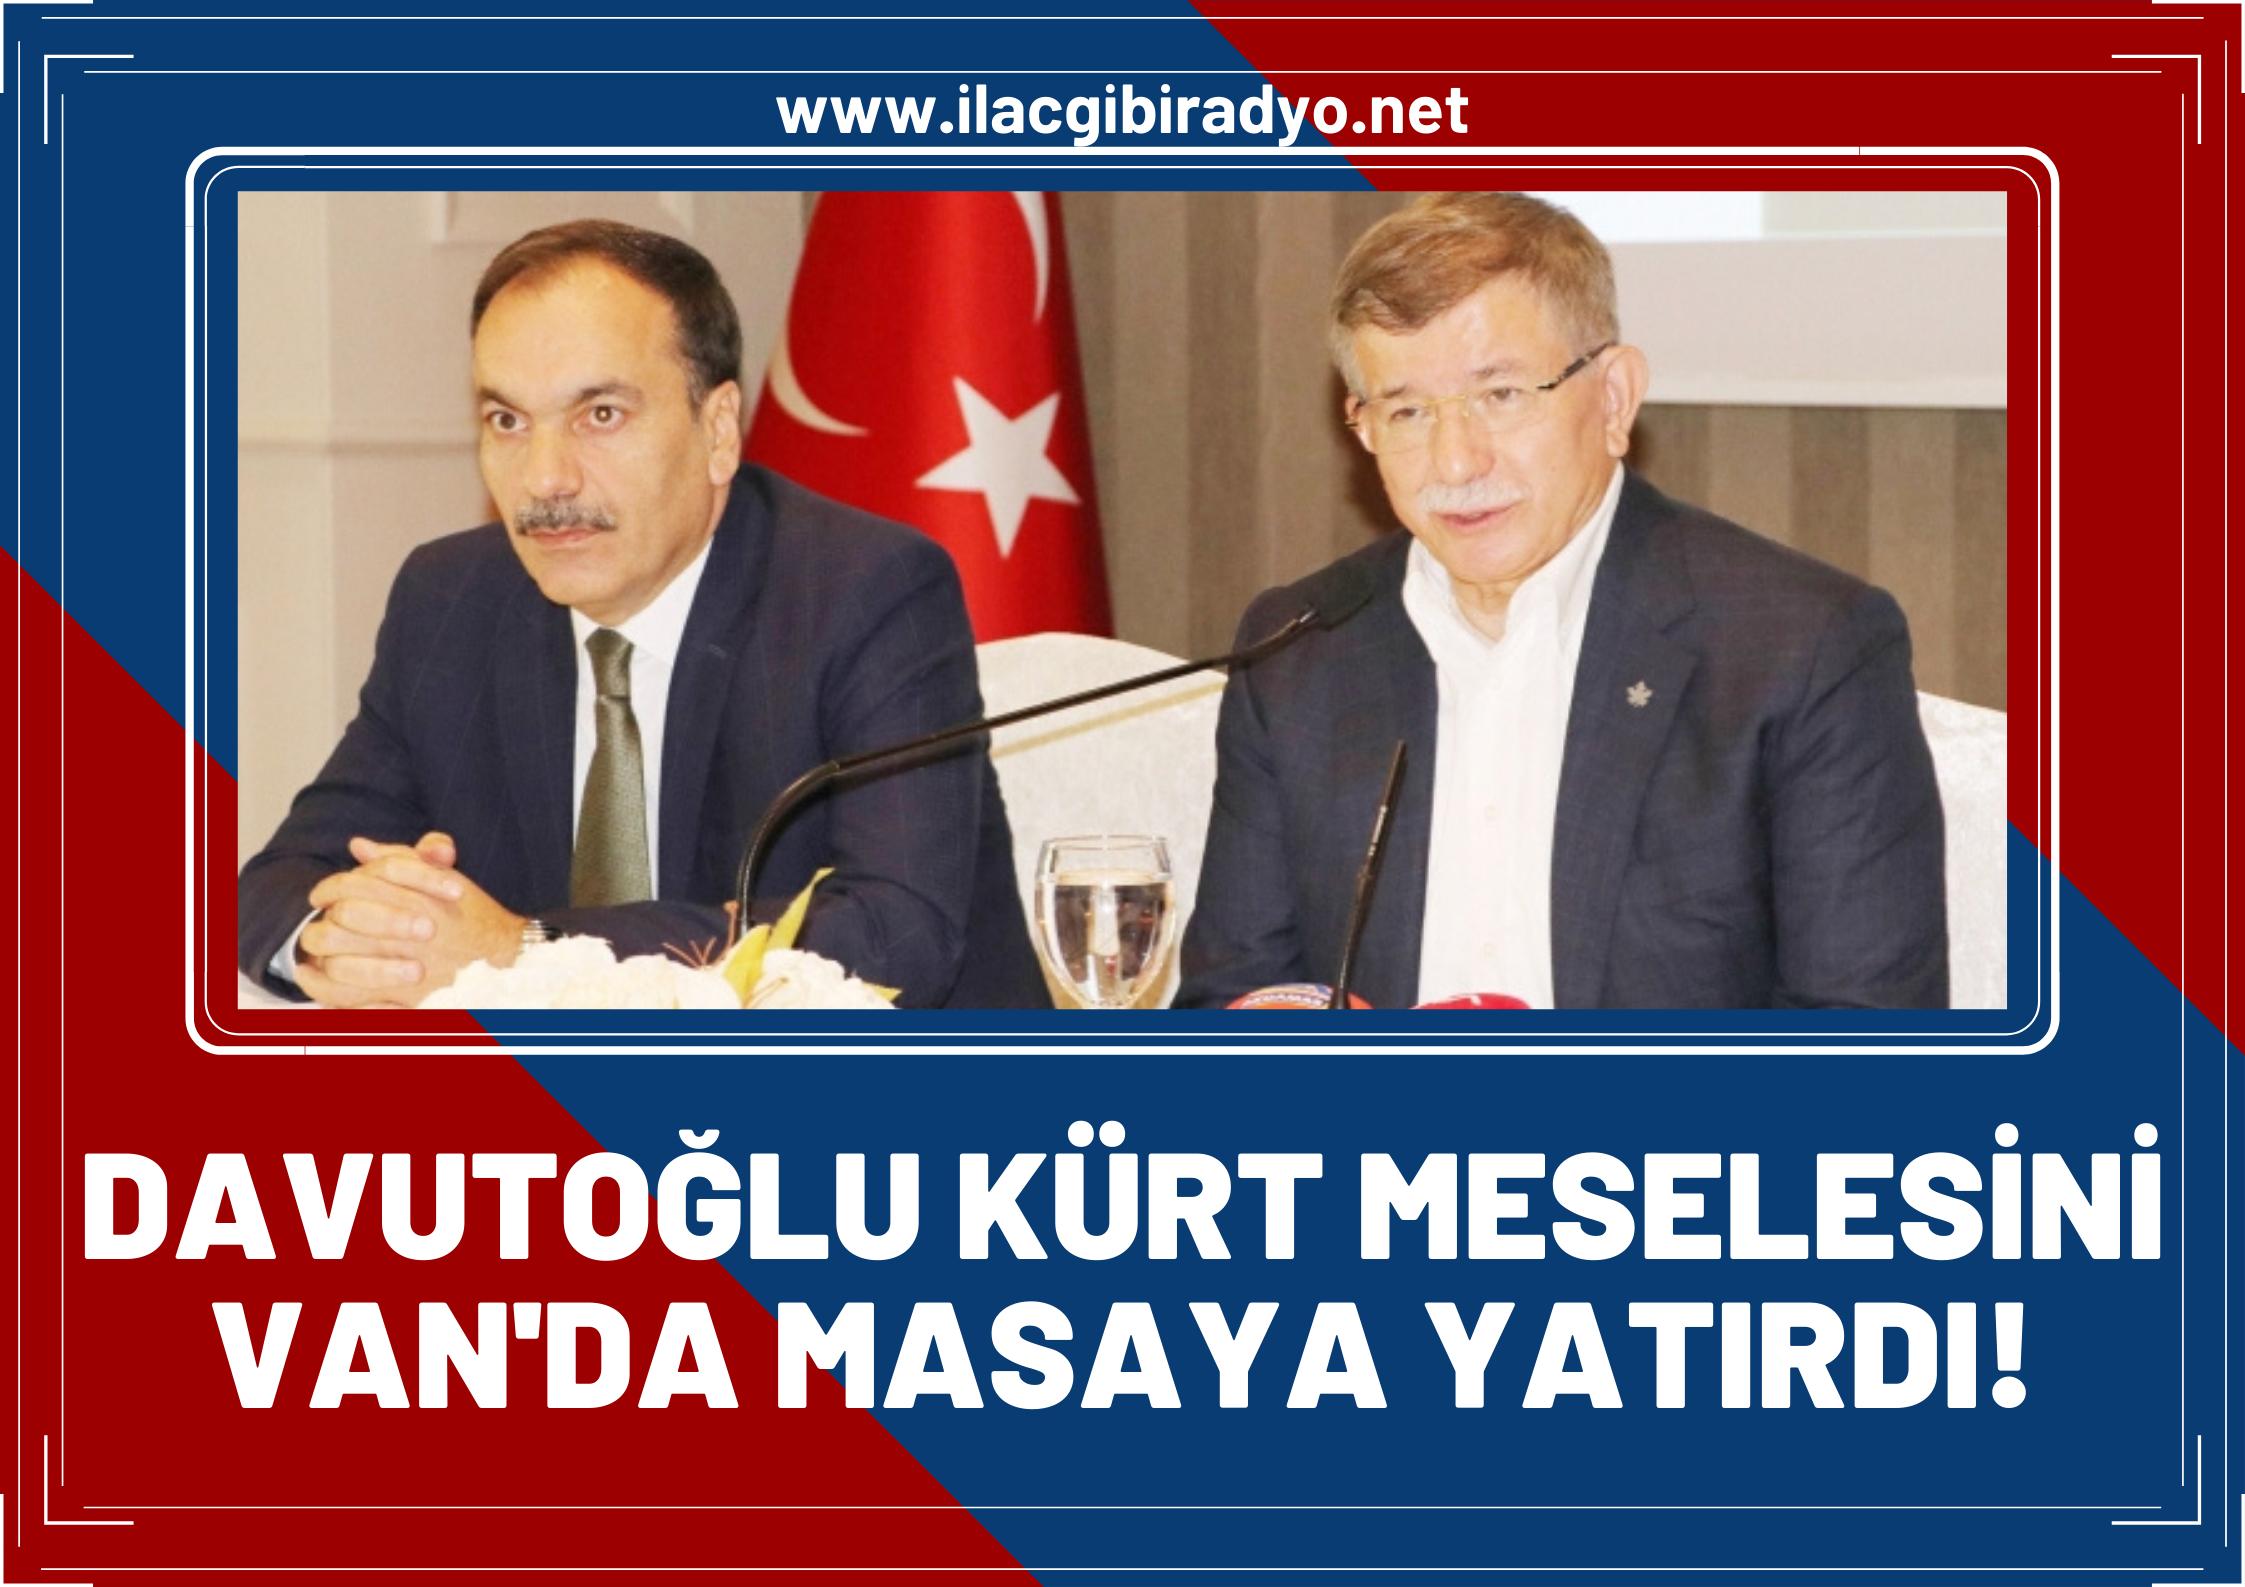 Davutoğlu, Kürt meselesini Van'da masaya yatırdı